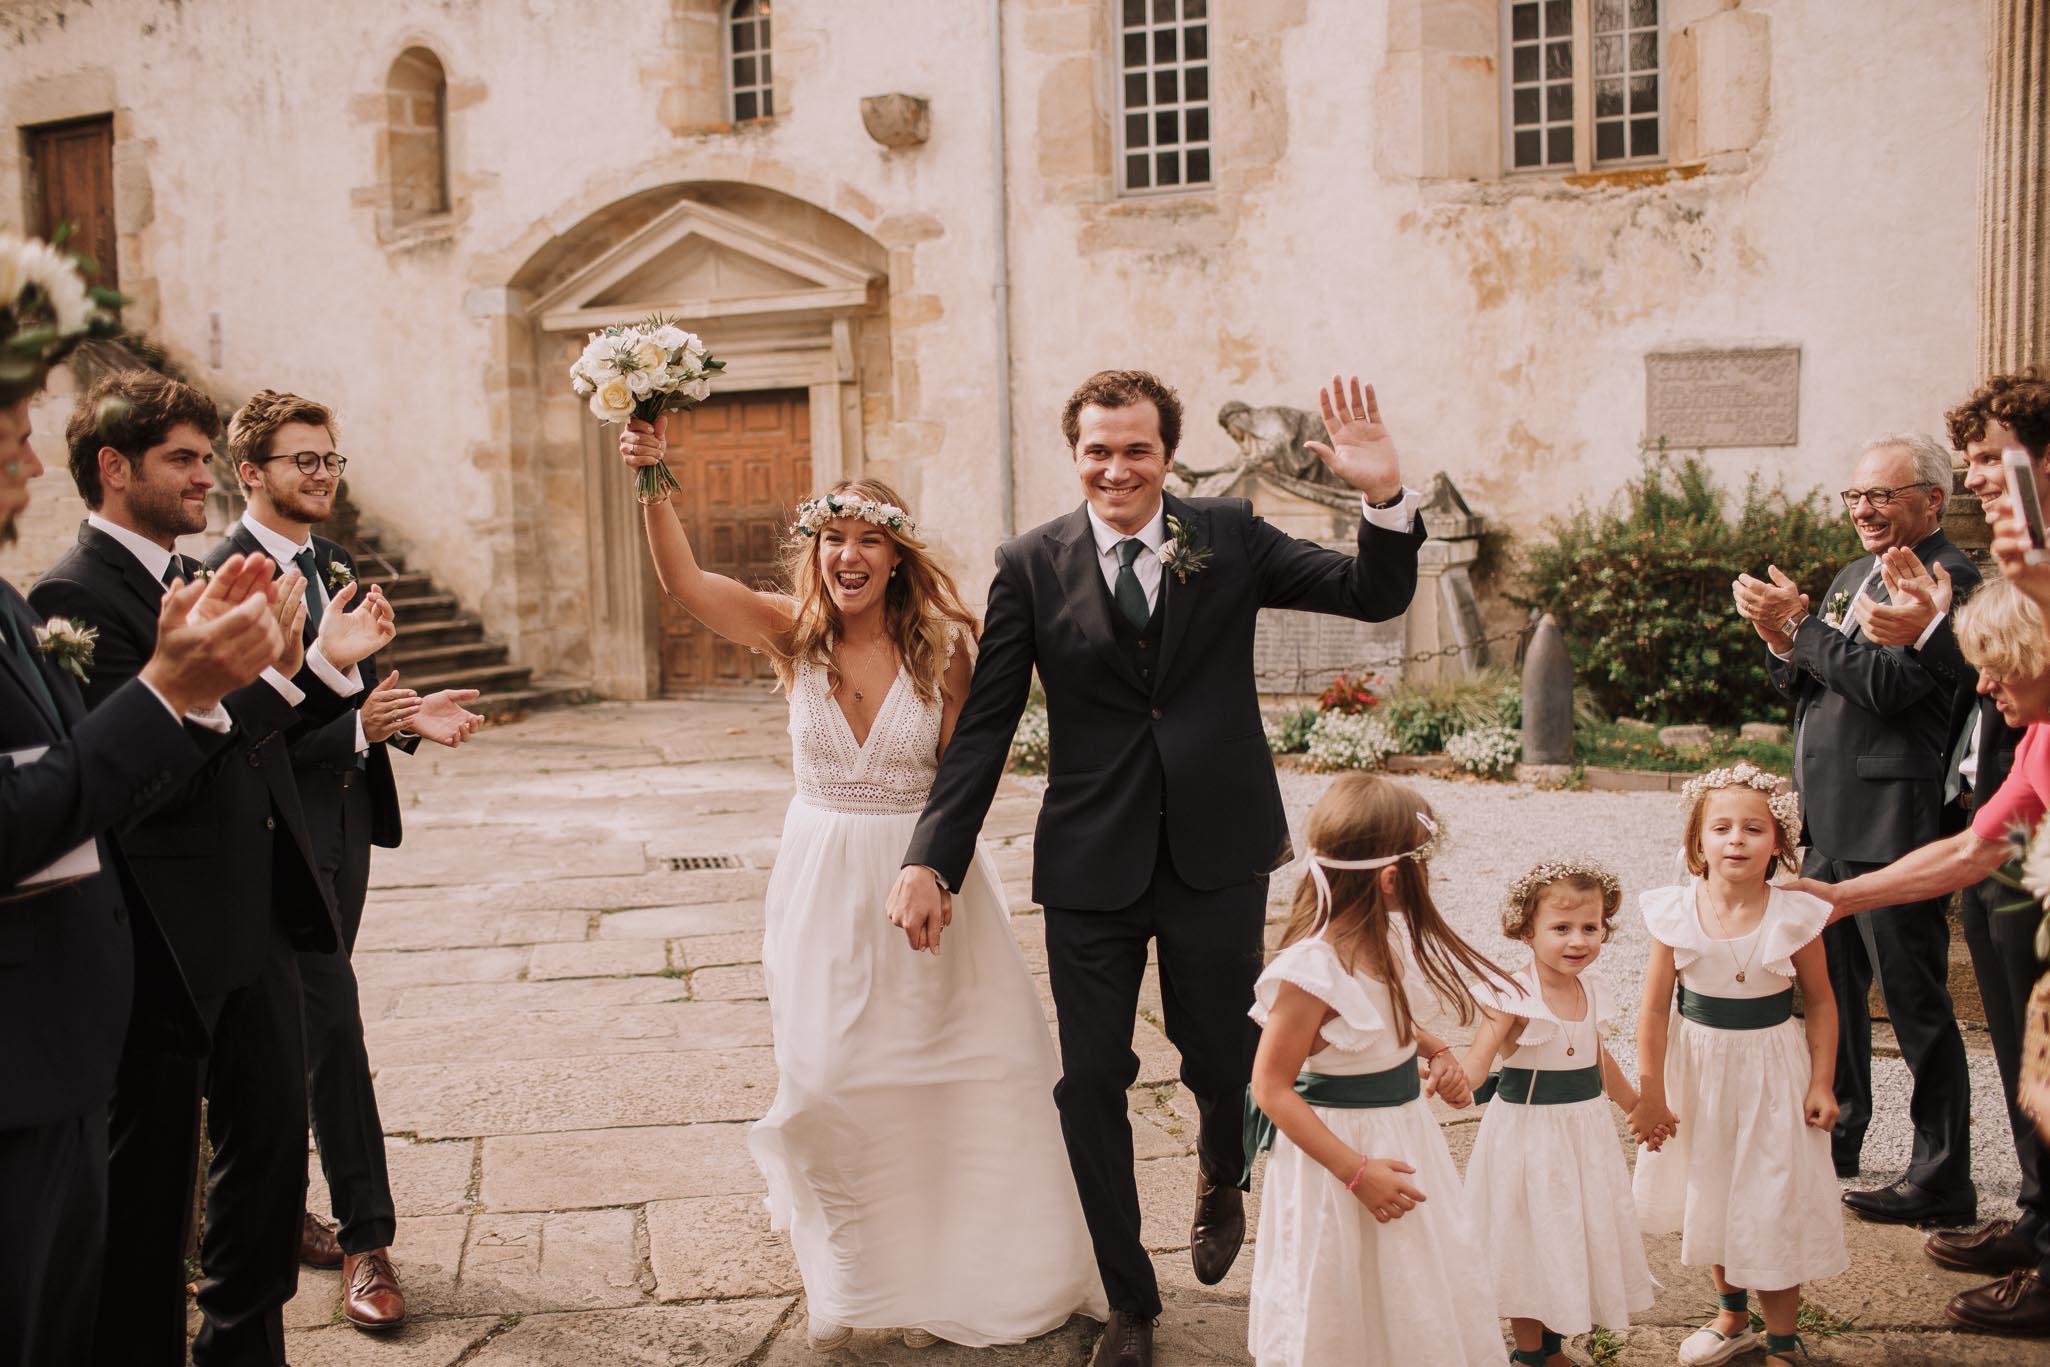 Photographe-mariage-bordeaux-jeremy-boyer-pays-basque-ihartze-artea-sare-robe-eleonore-pauc-couple-amour-79.jpg